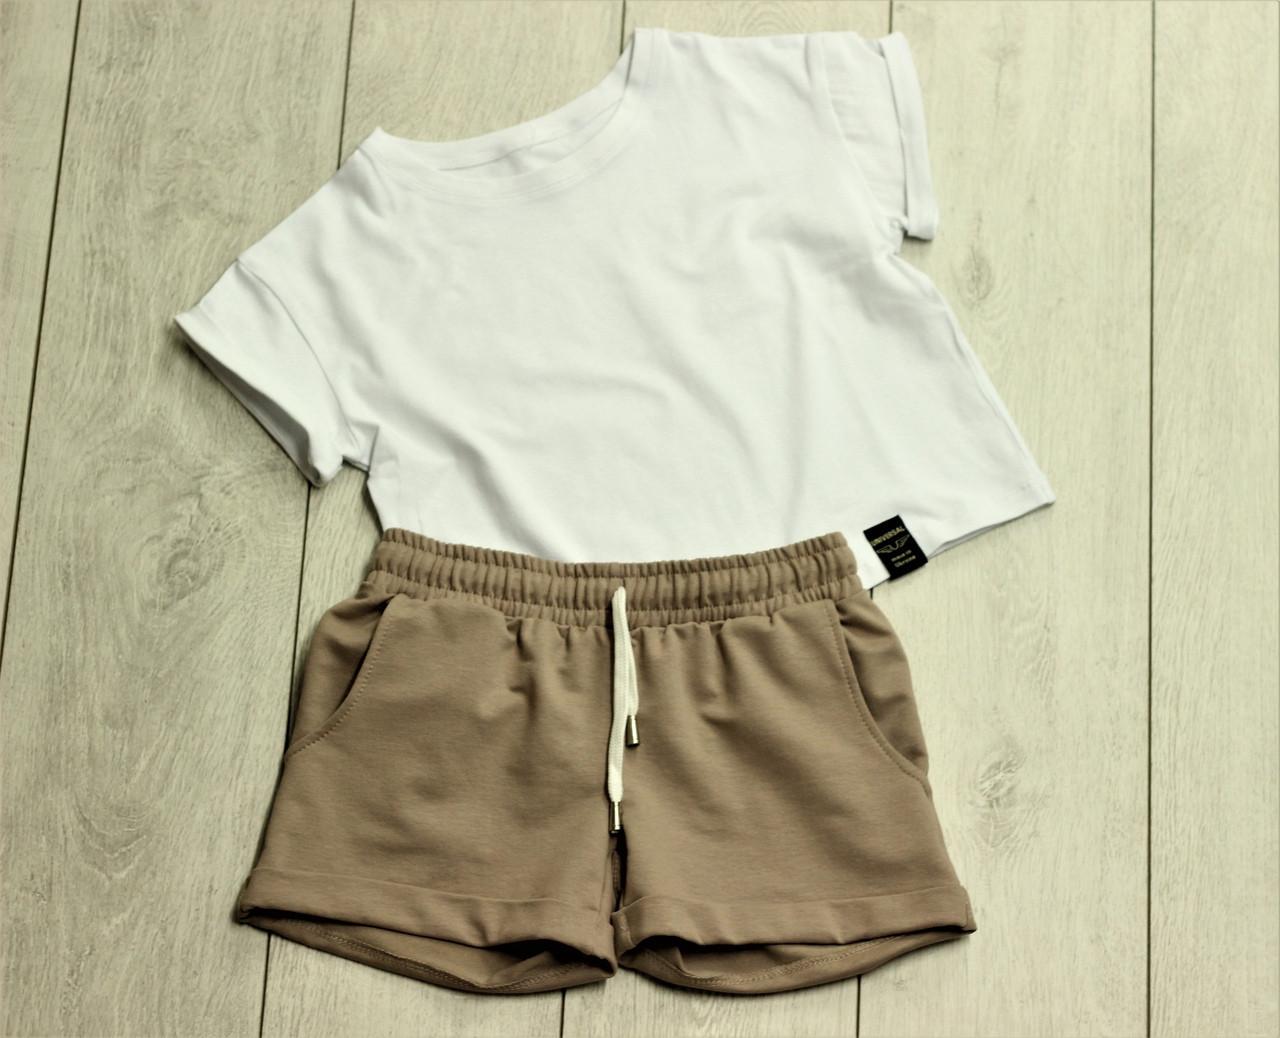 Футболка женская укороченая и шорты -комплект